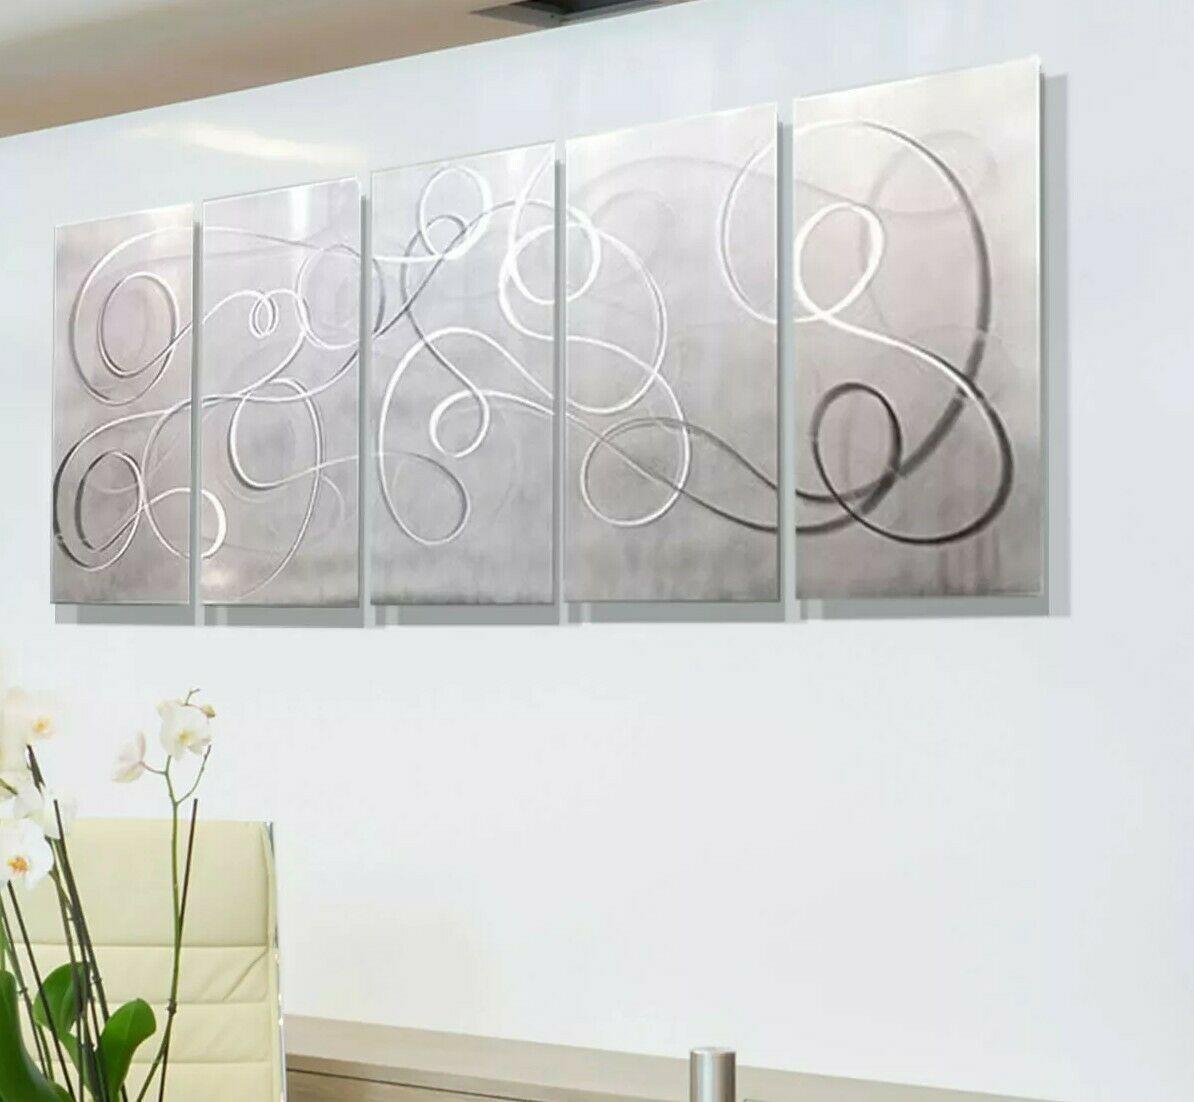 Huge Metal Wall Art Painting Silver White Sculpture Modern 84 X 36 Jon Allen Ideas Of Wall Sculpt In 2020 Metal Wall Art Metal Wall Sculpture Silver Metal Wall Art